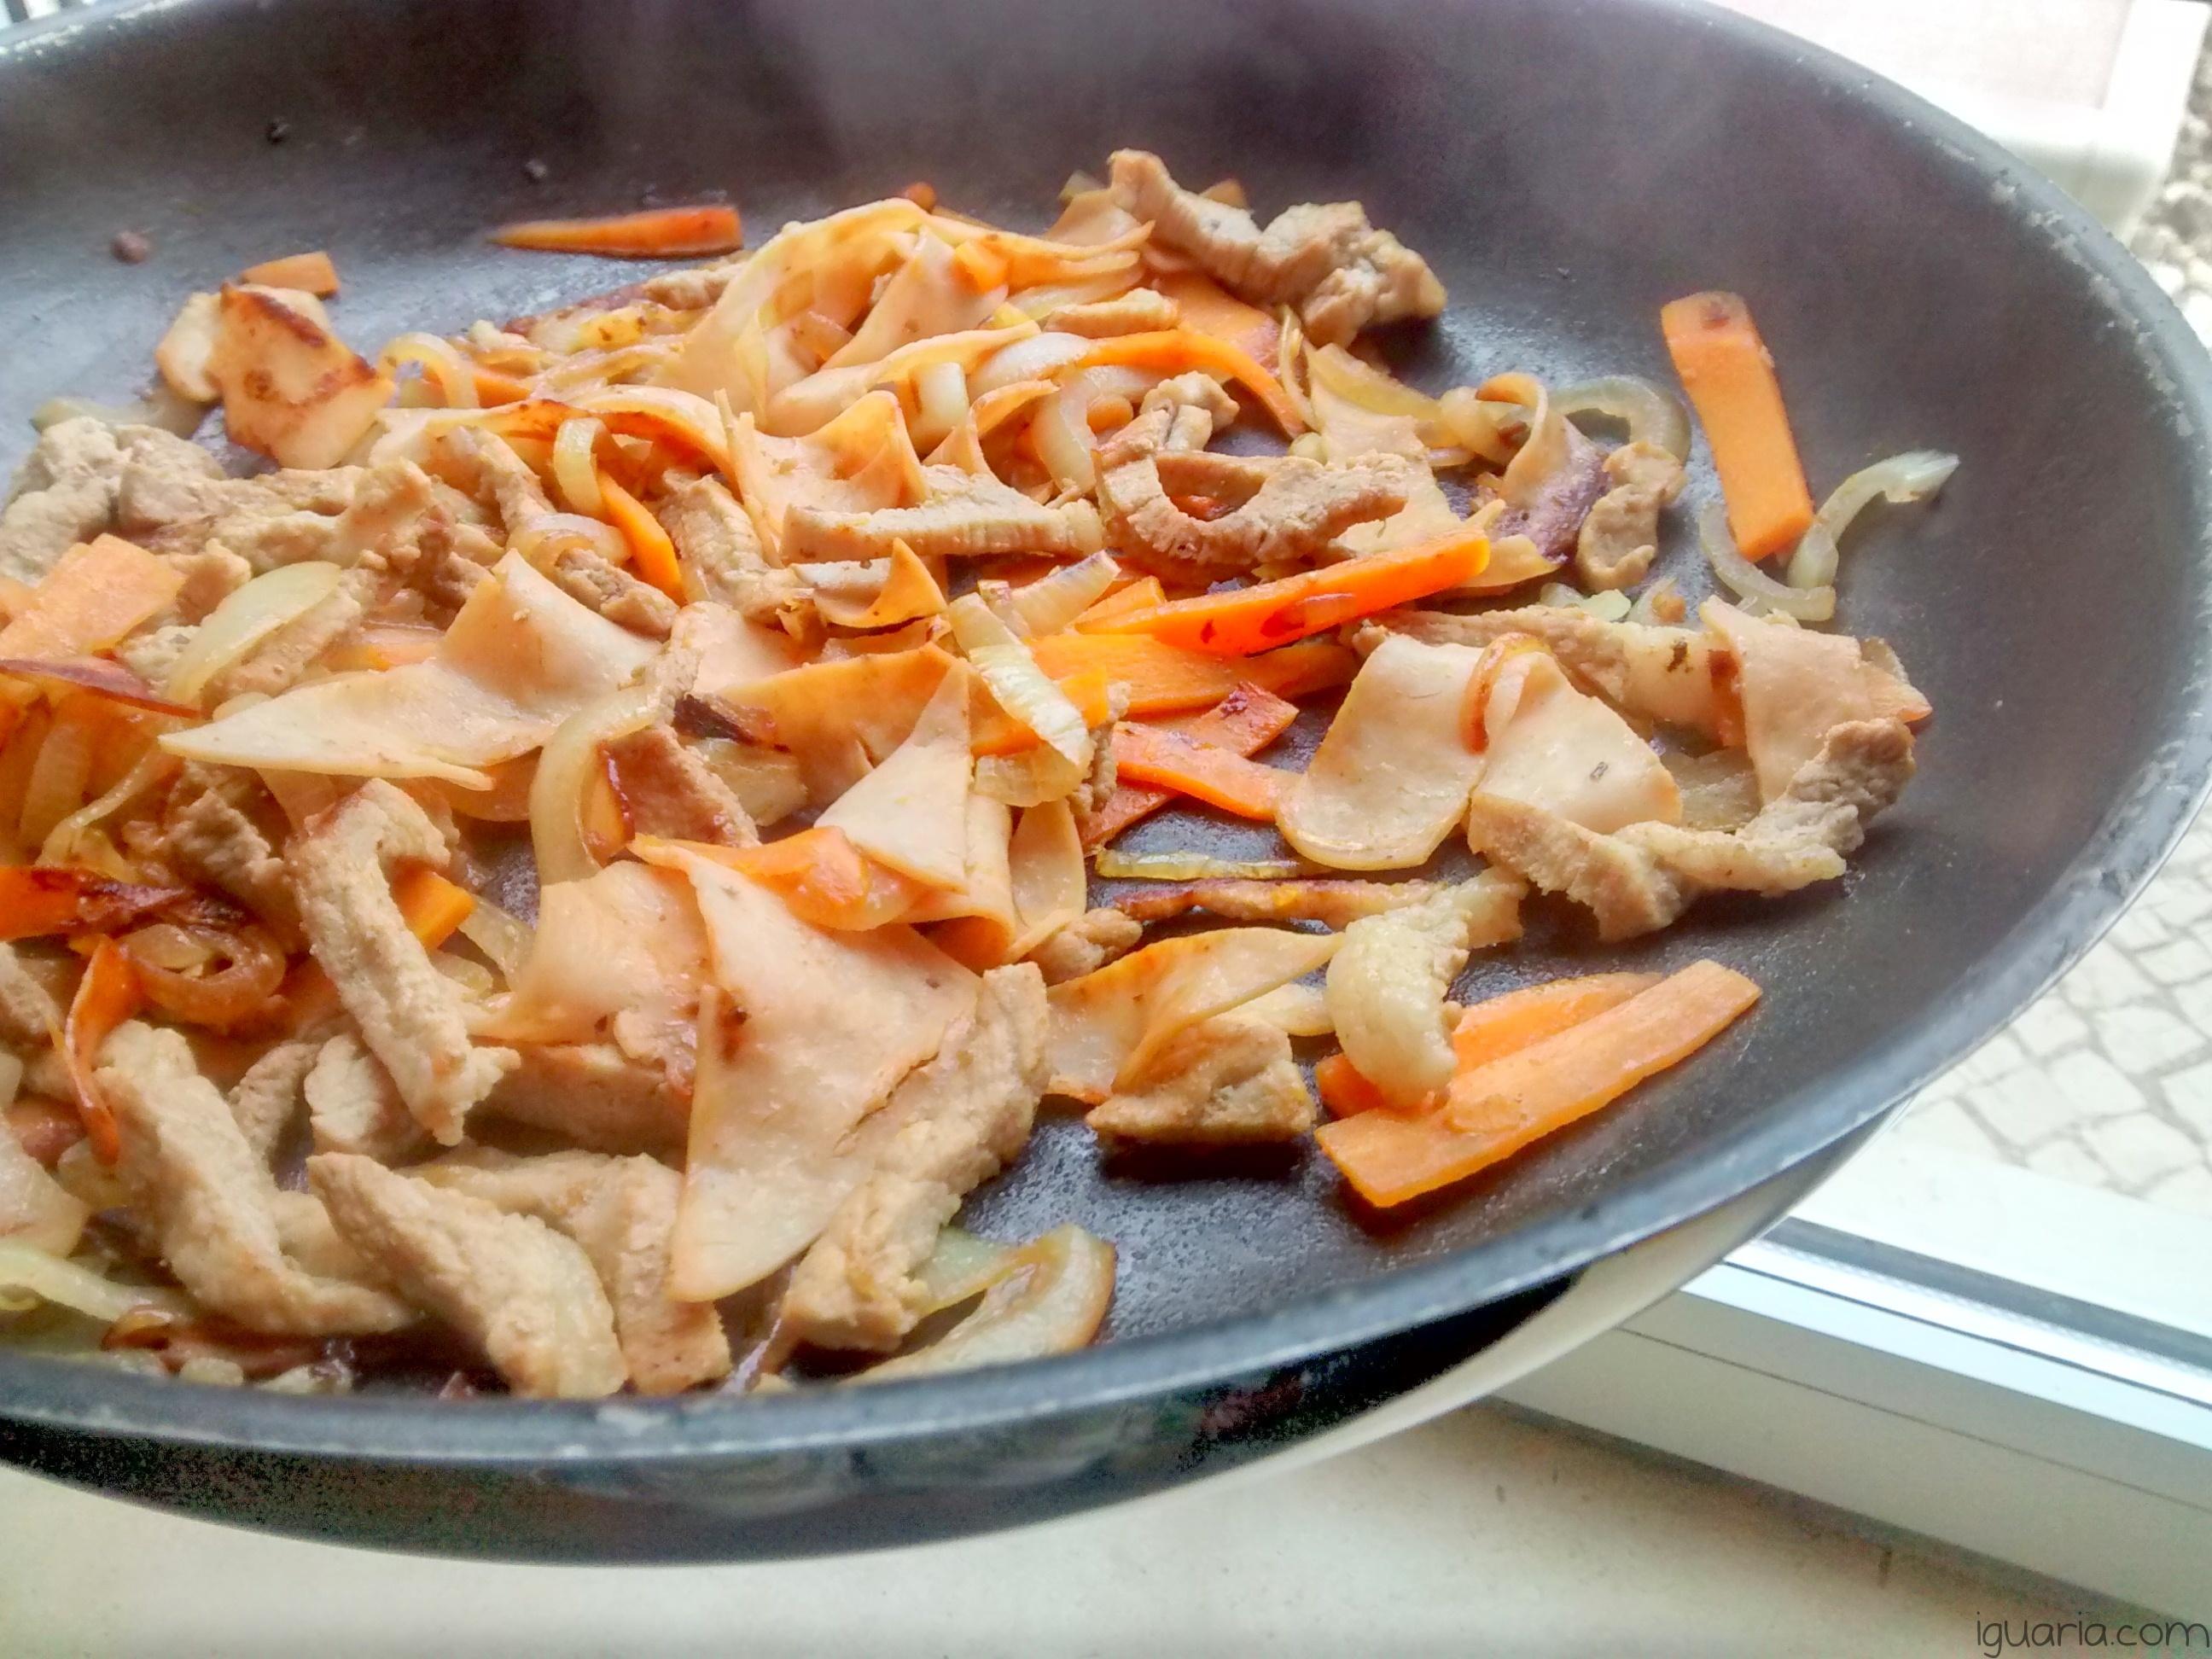 iguaria-carne-de-porco-frita